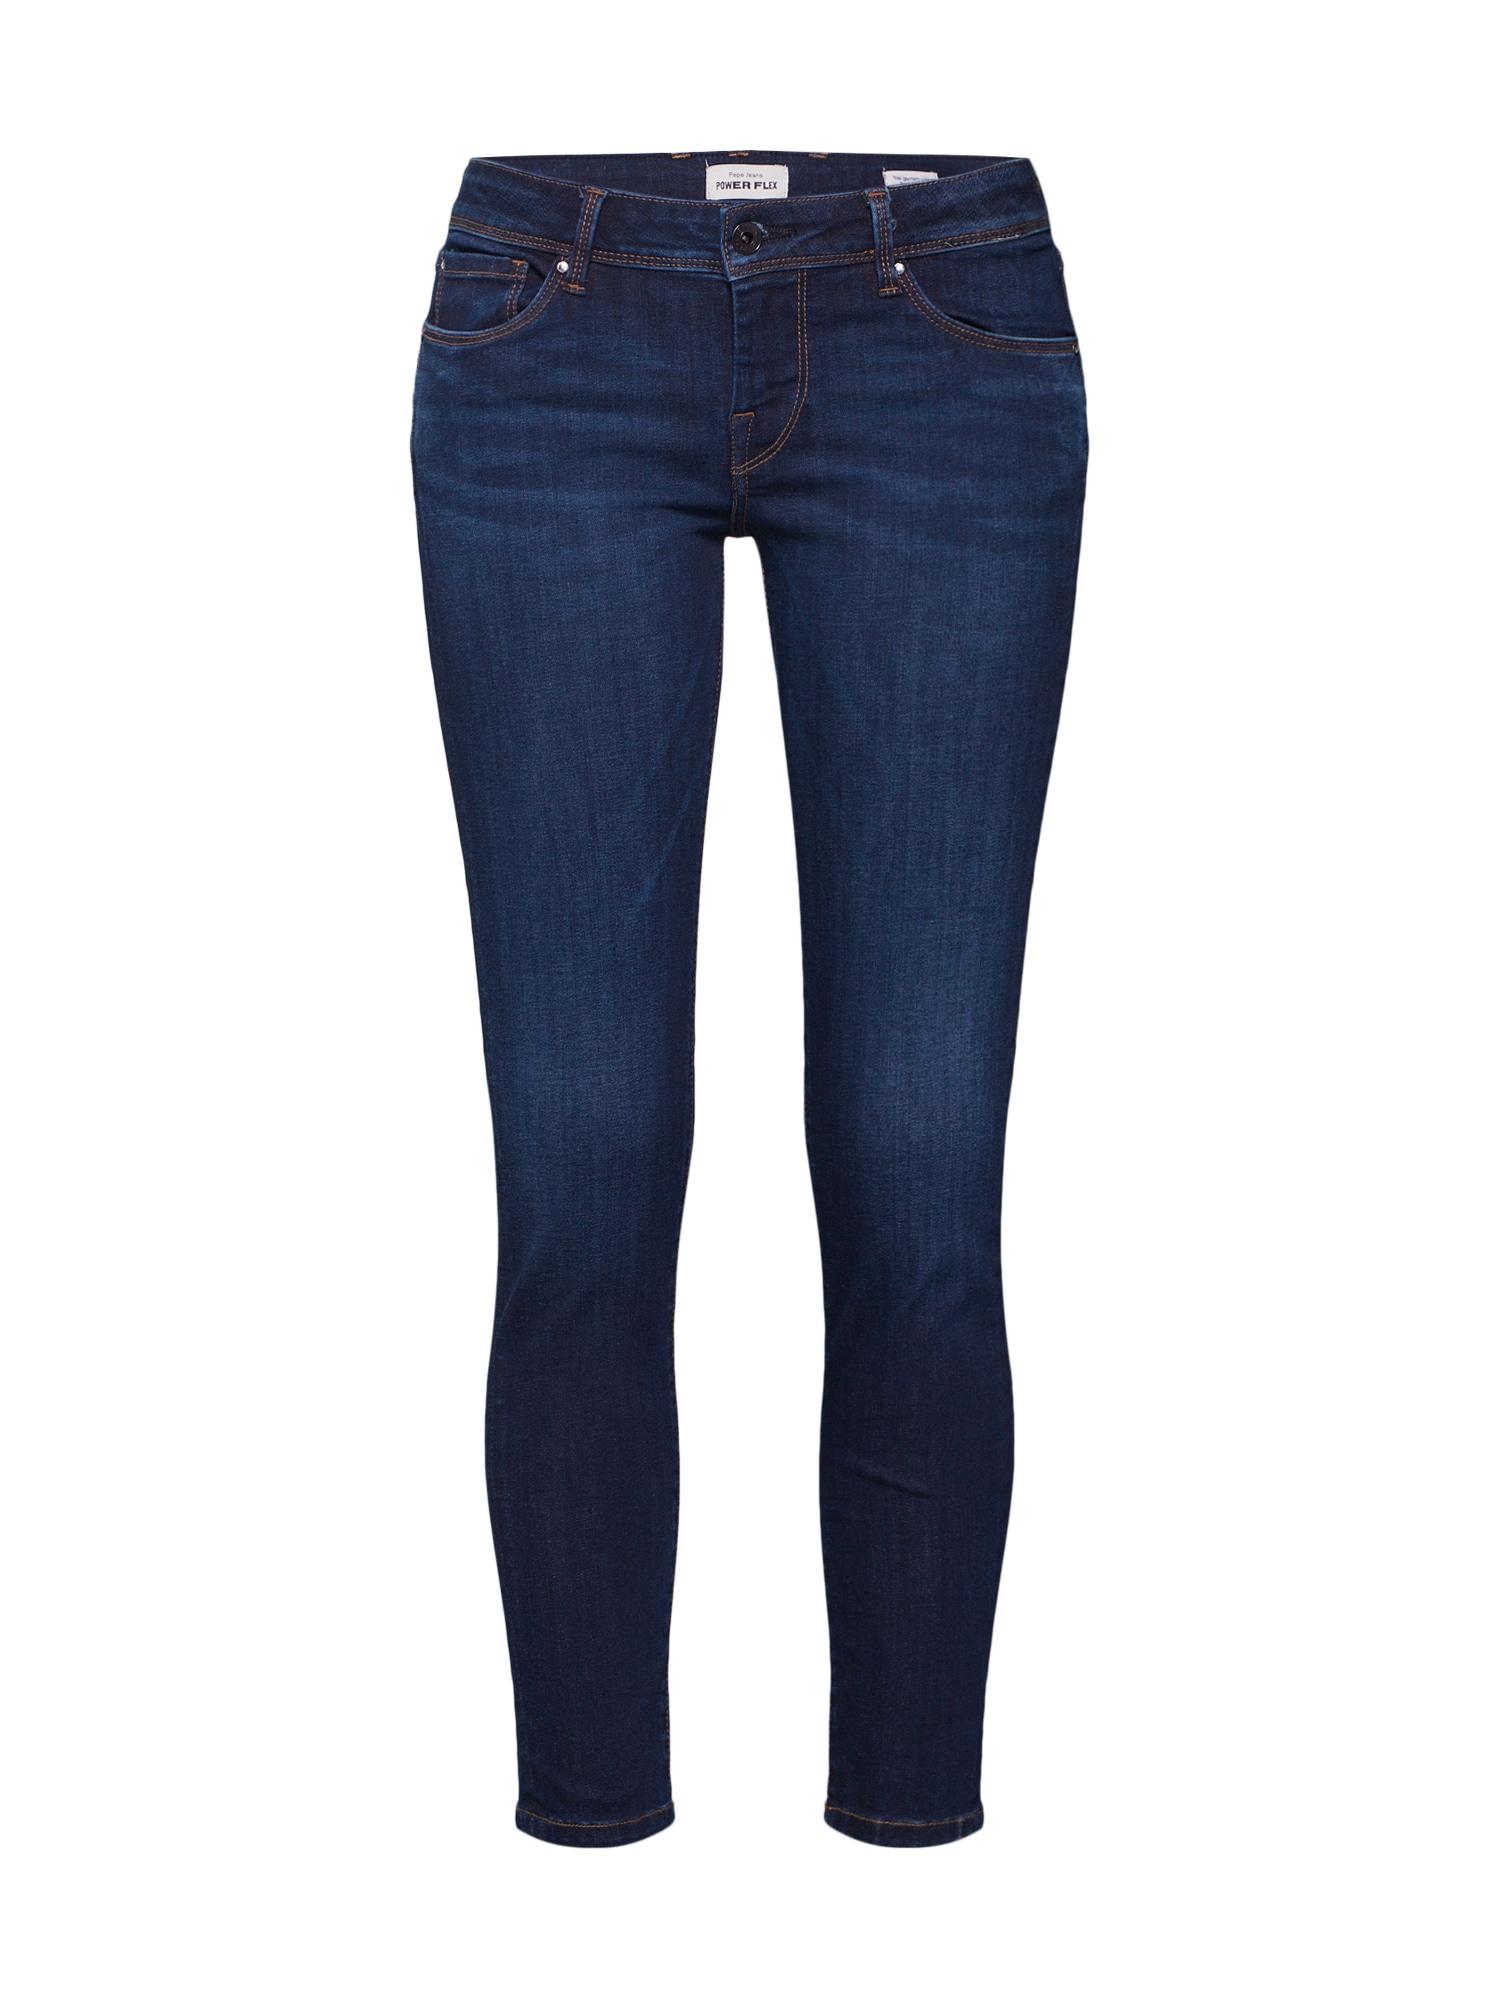 Džíny Lola tmavě modrá Pepe Jeans